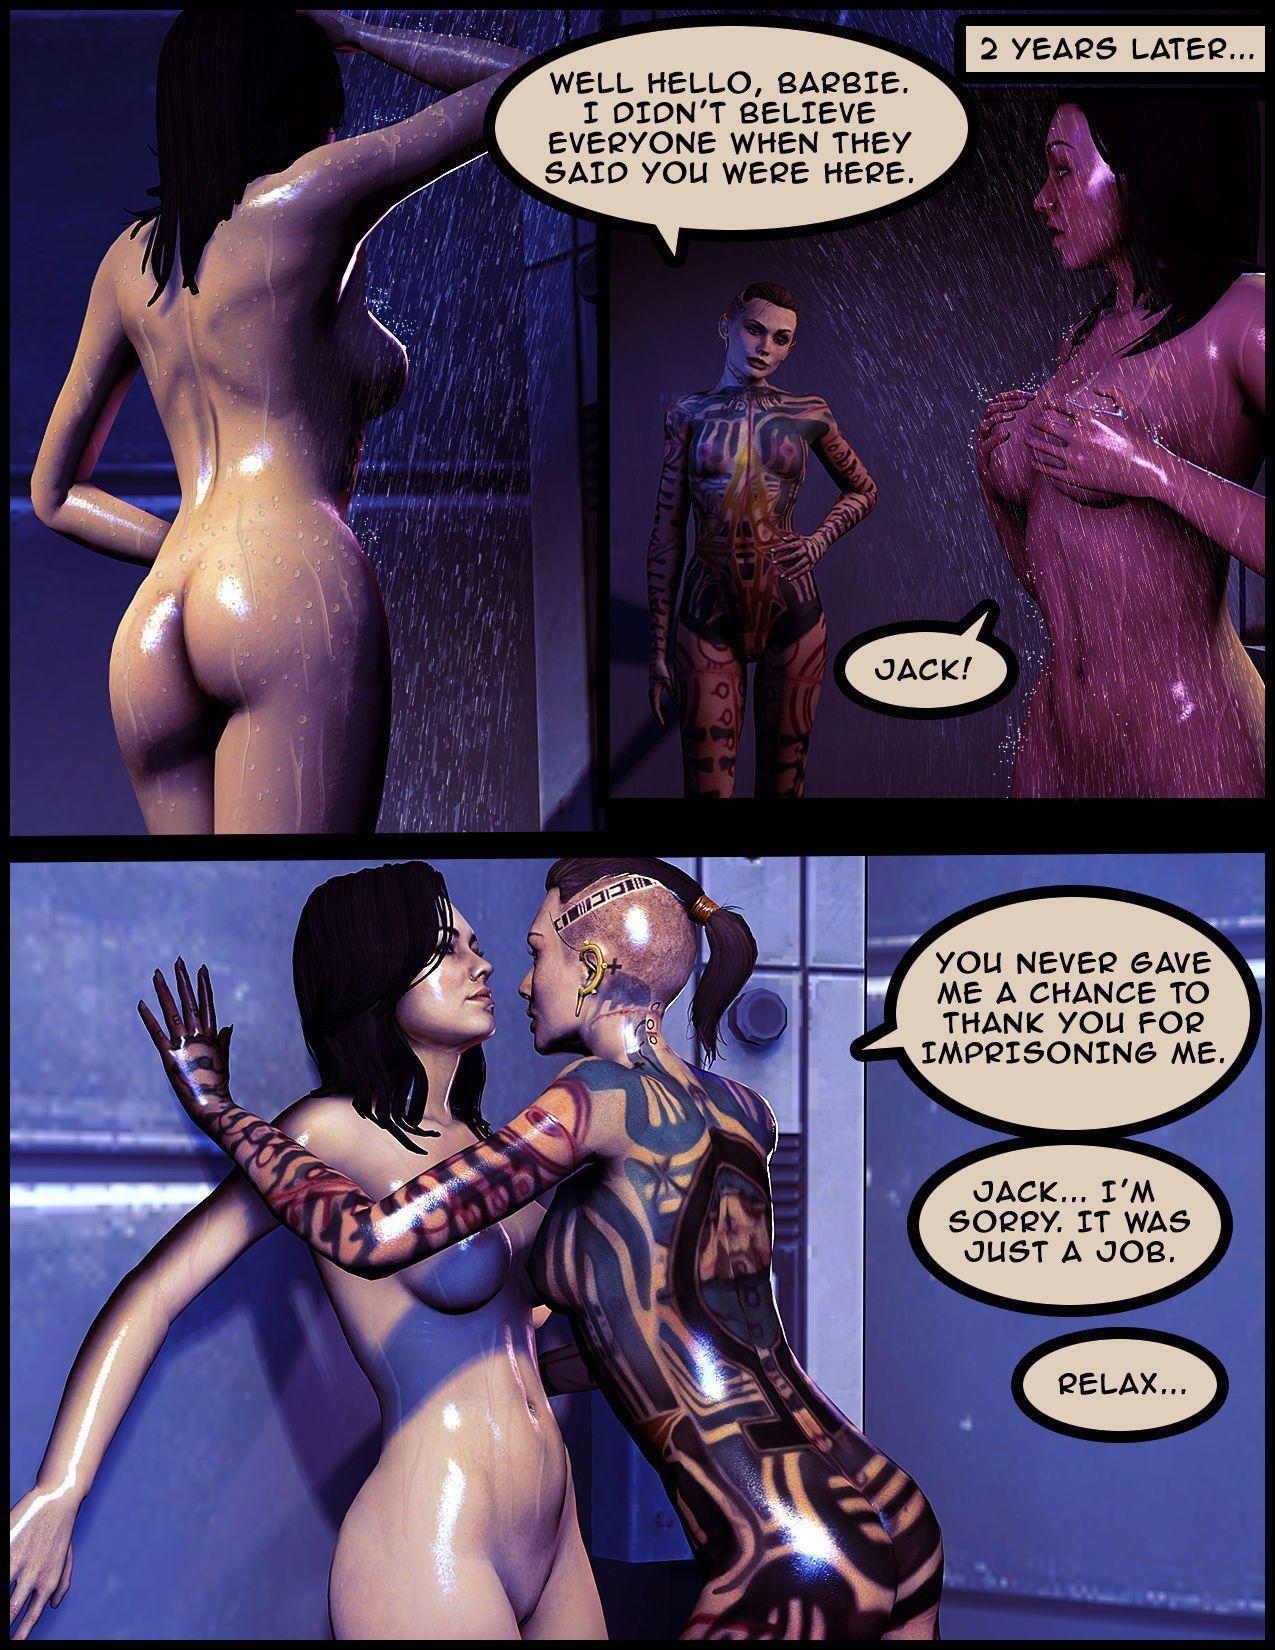 [Vaurra] The Renegade Life Part 2 (Mass Effect)